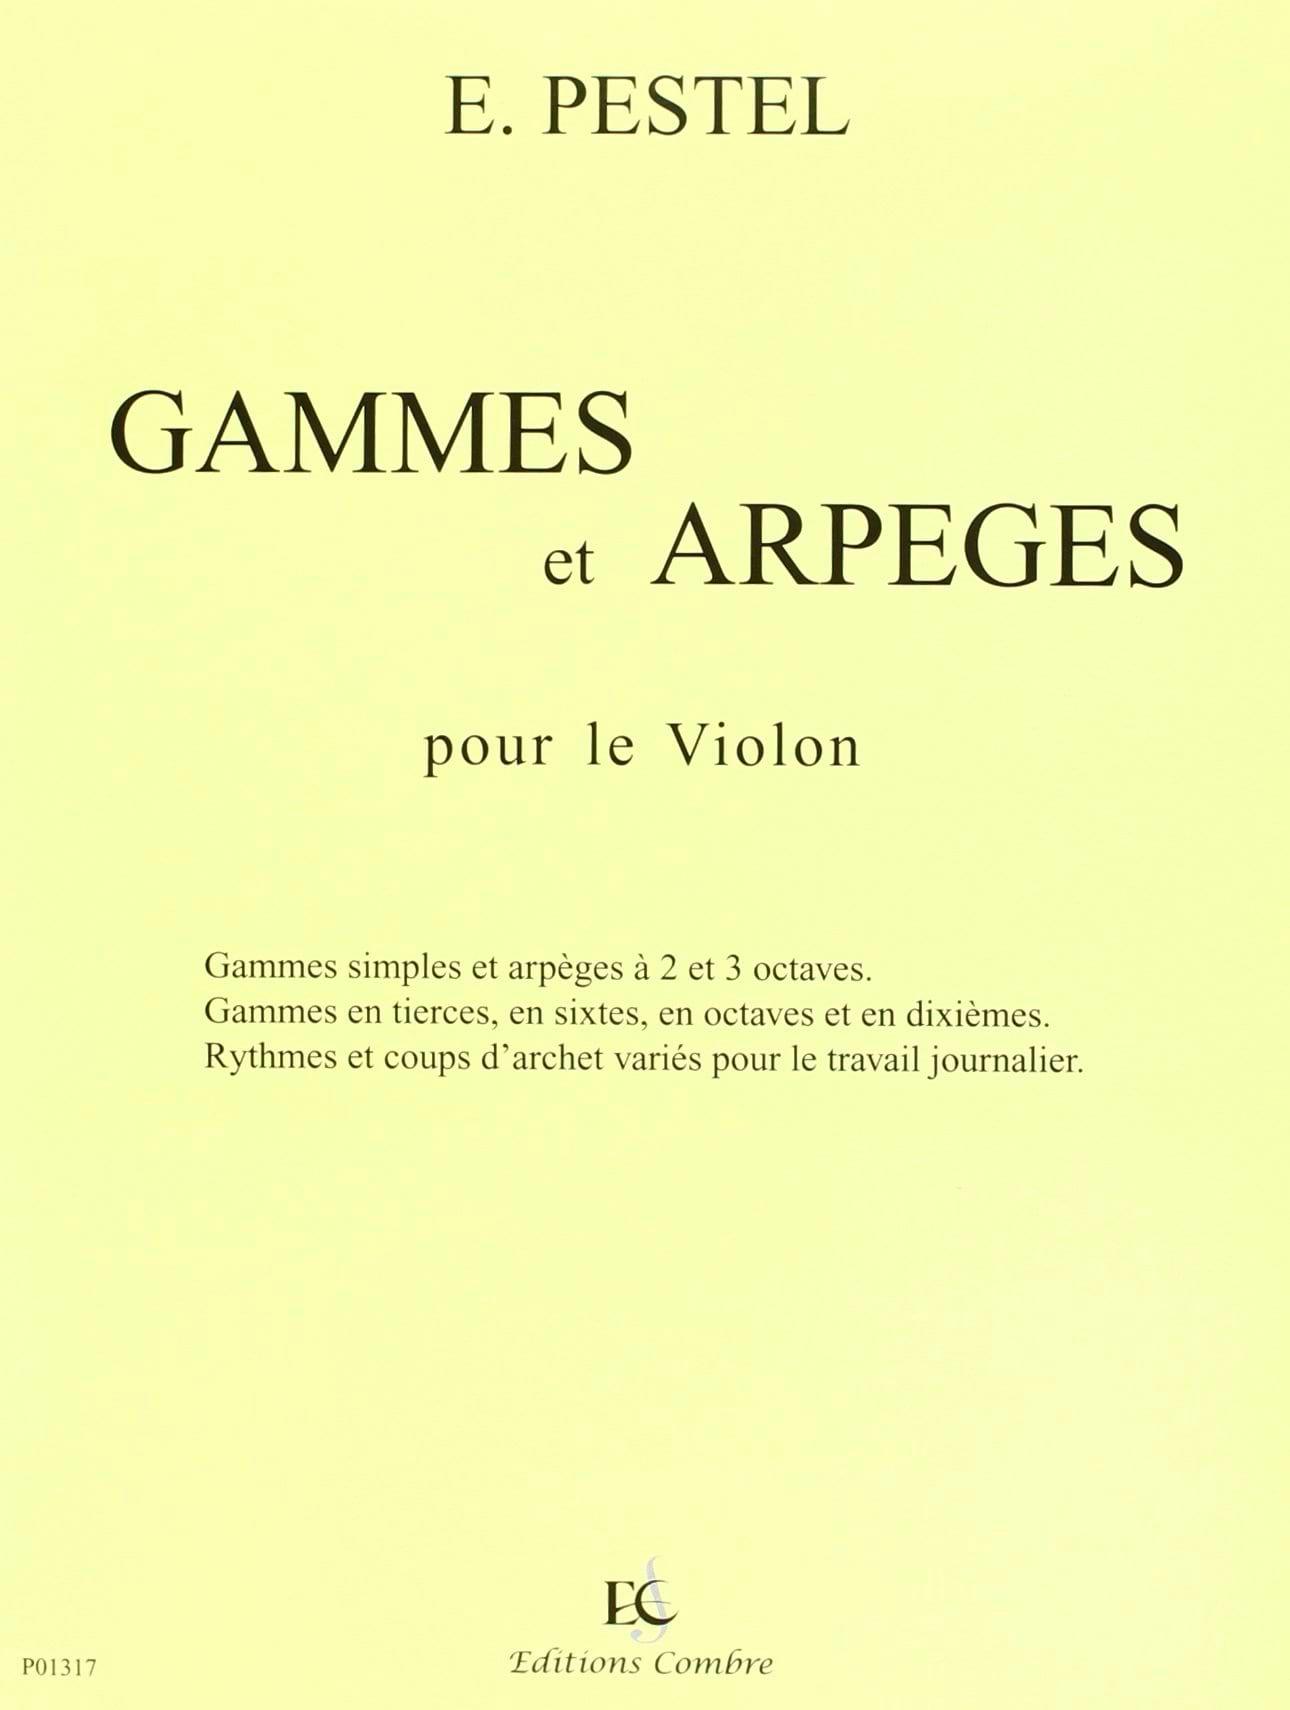 Gammes et Arpèges - E. Pestel - Partition - Violon - laflutedepan.com